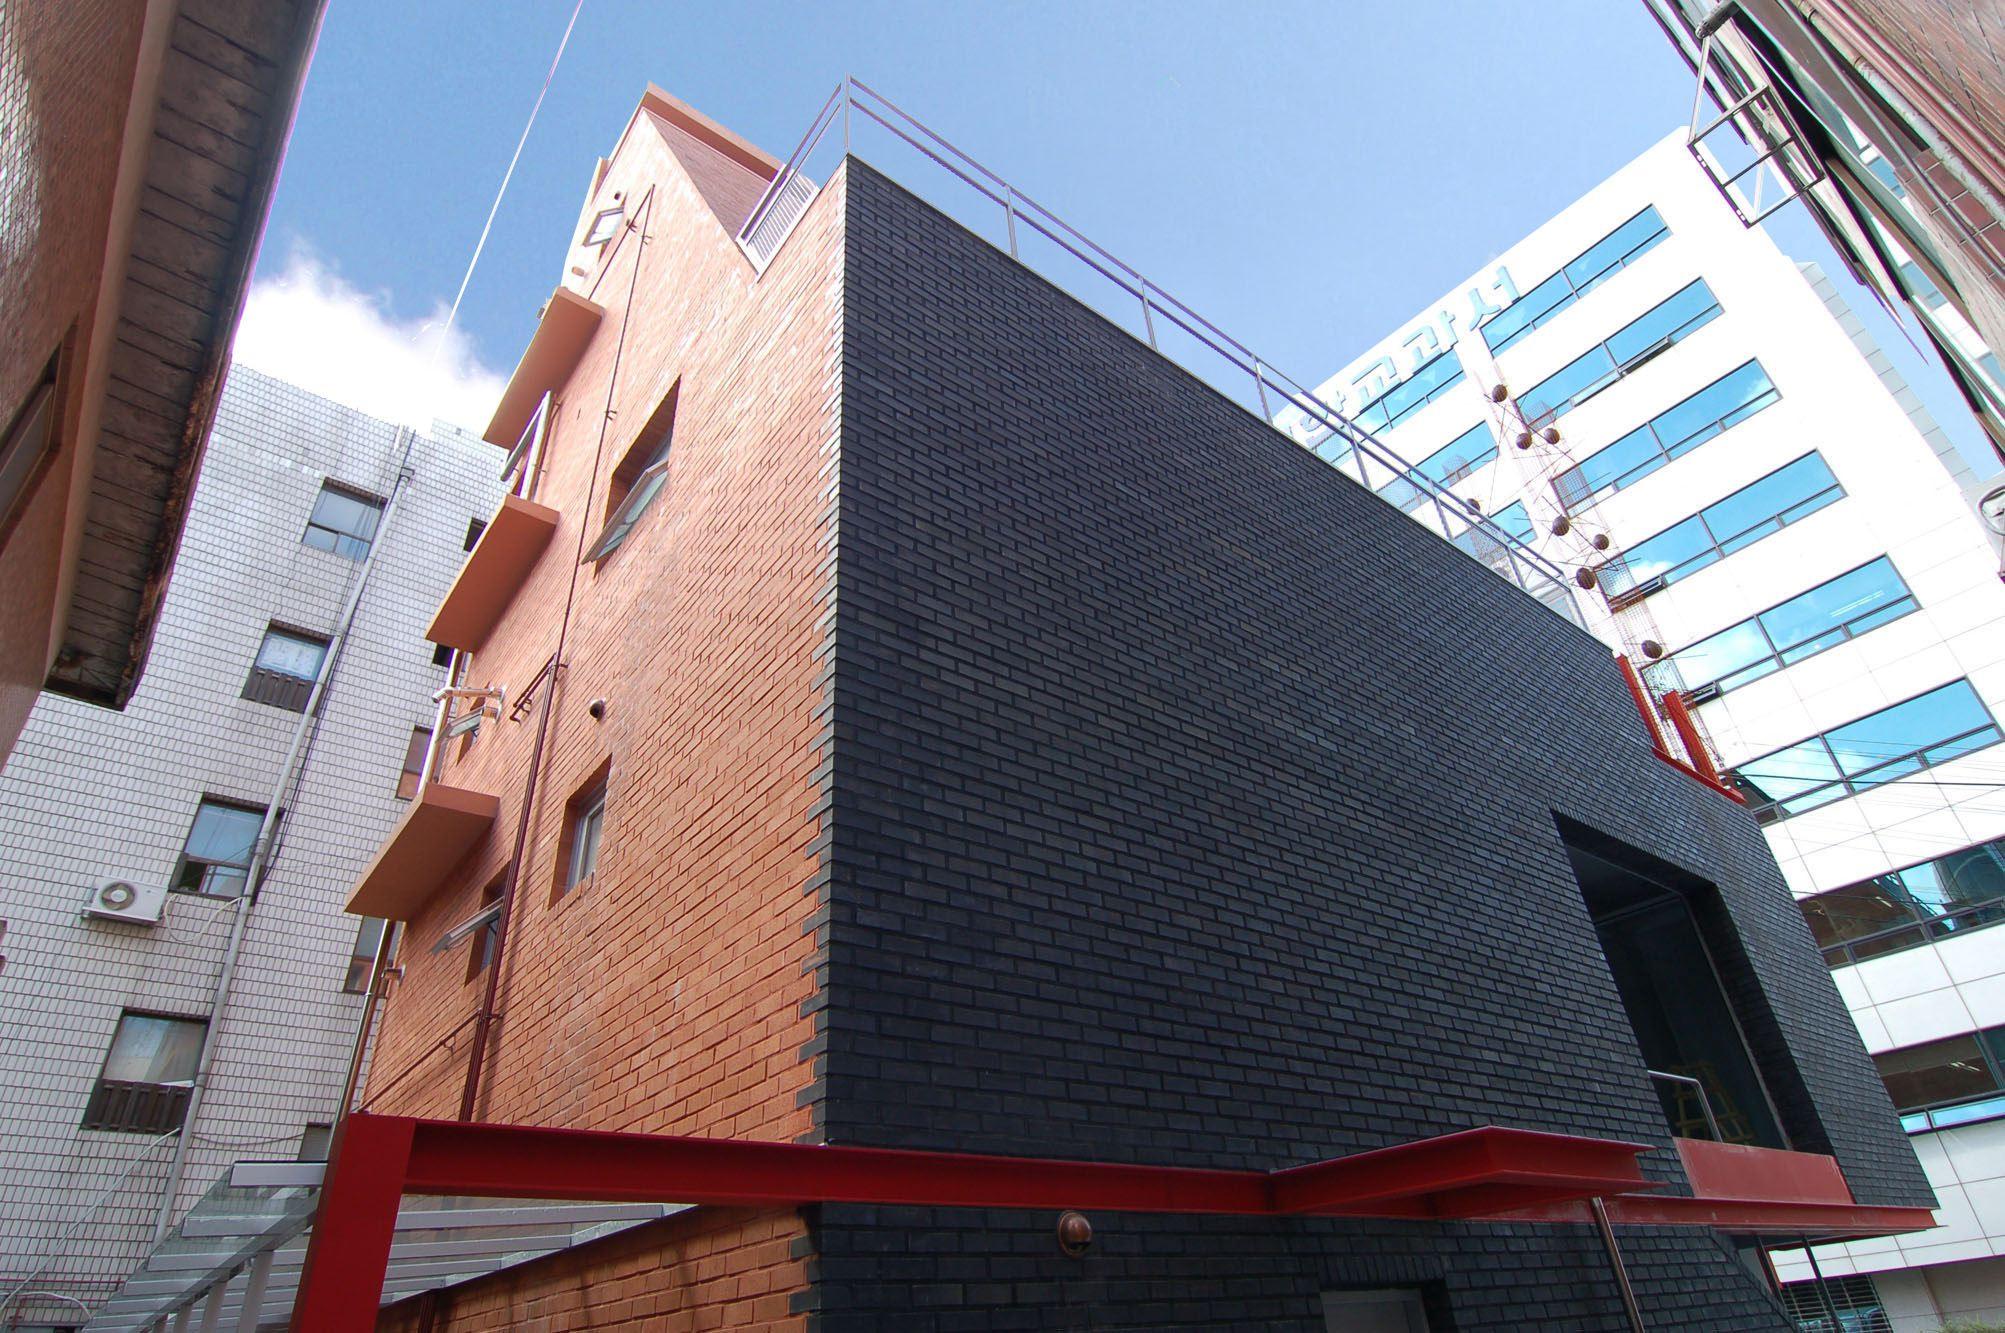 18 jamwon 40.6 red and black brick.jpg